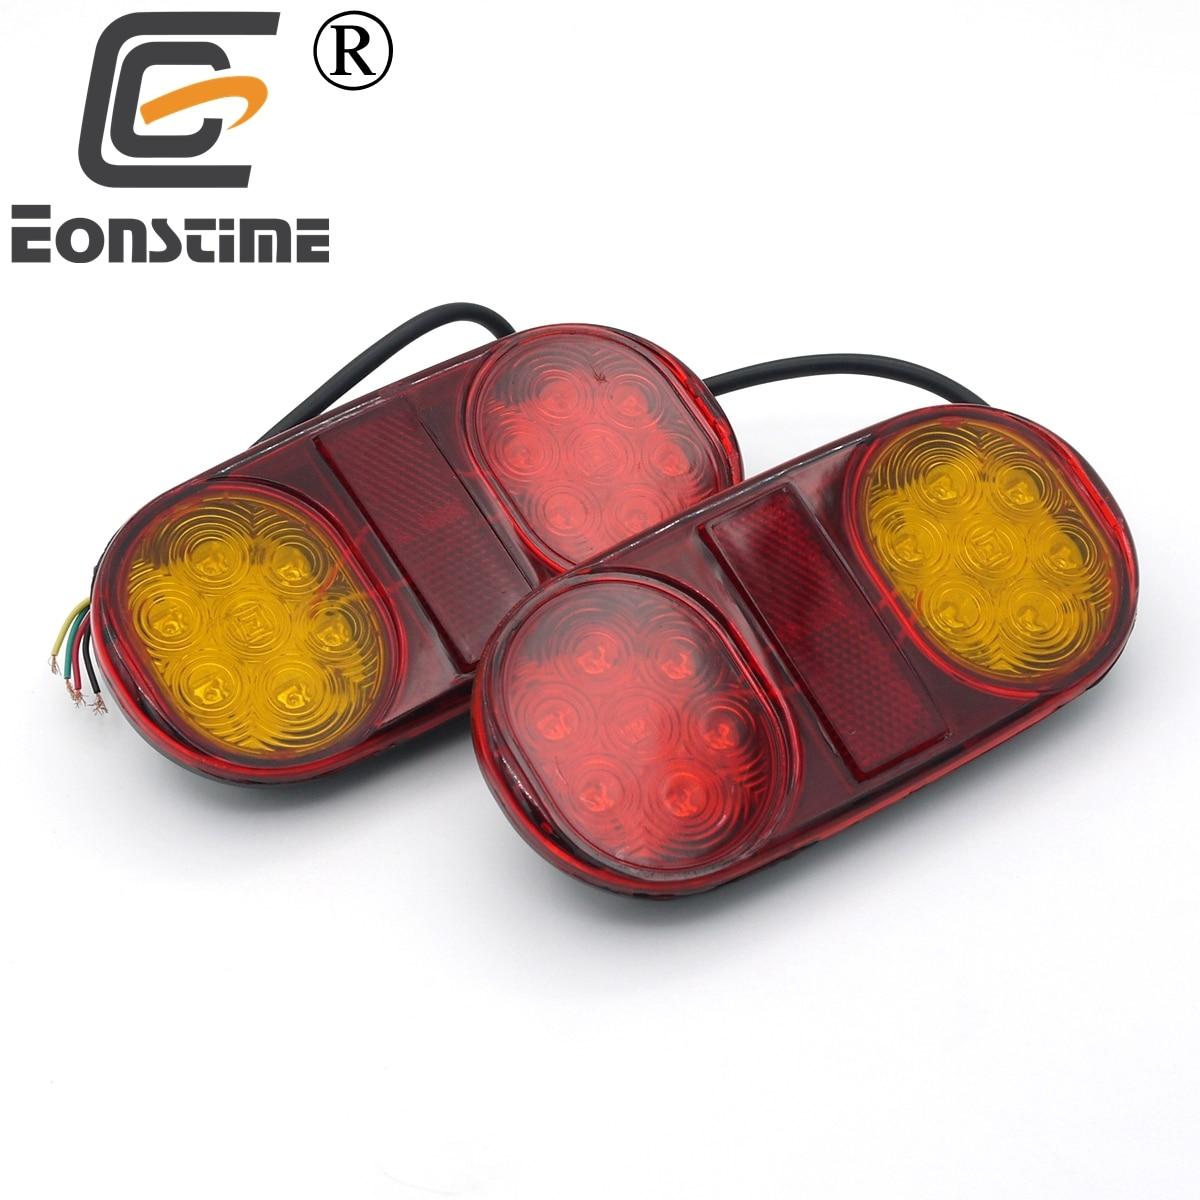 Eonstime 2pcs 14 Leds 12V/24V Car LED Caravan Truck Lights Boat Trailer Lamp Stop Tail Brake Light Lamp Trailer Taillight